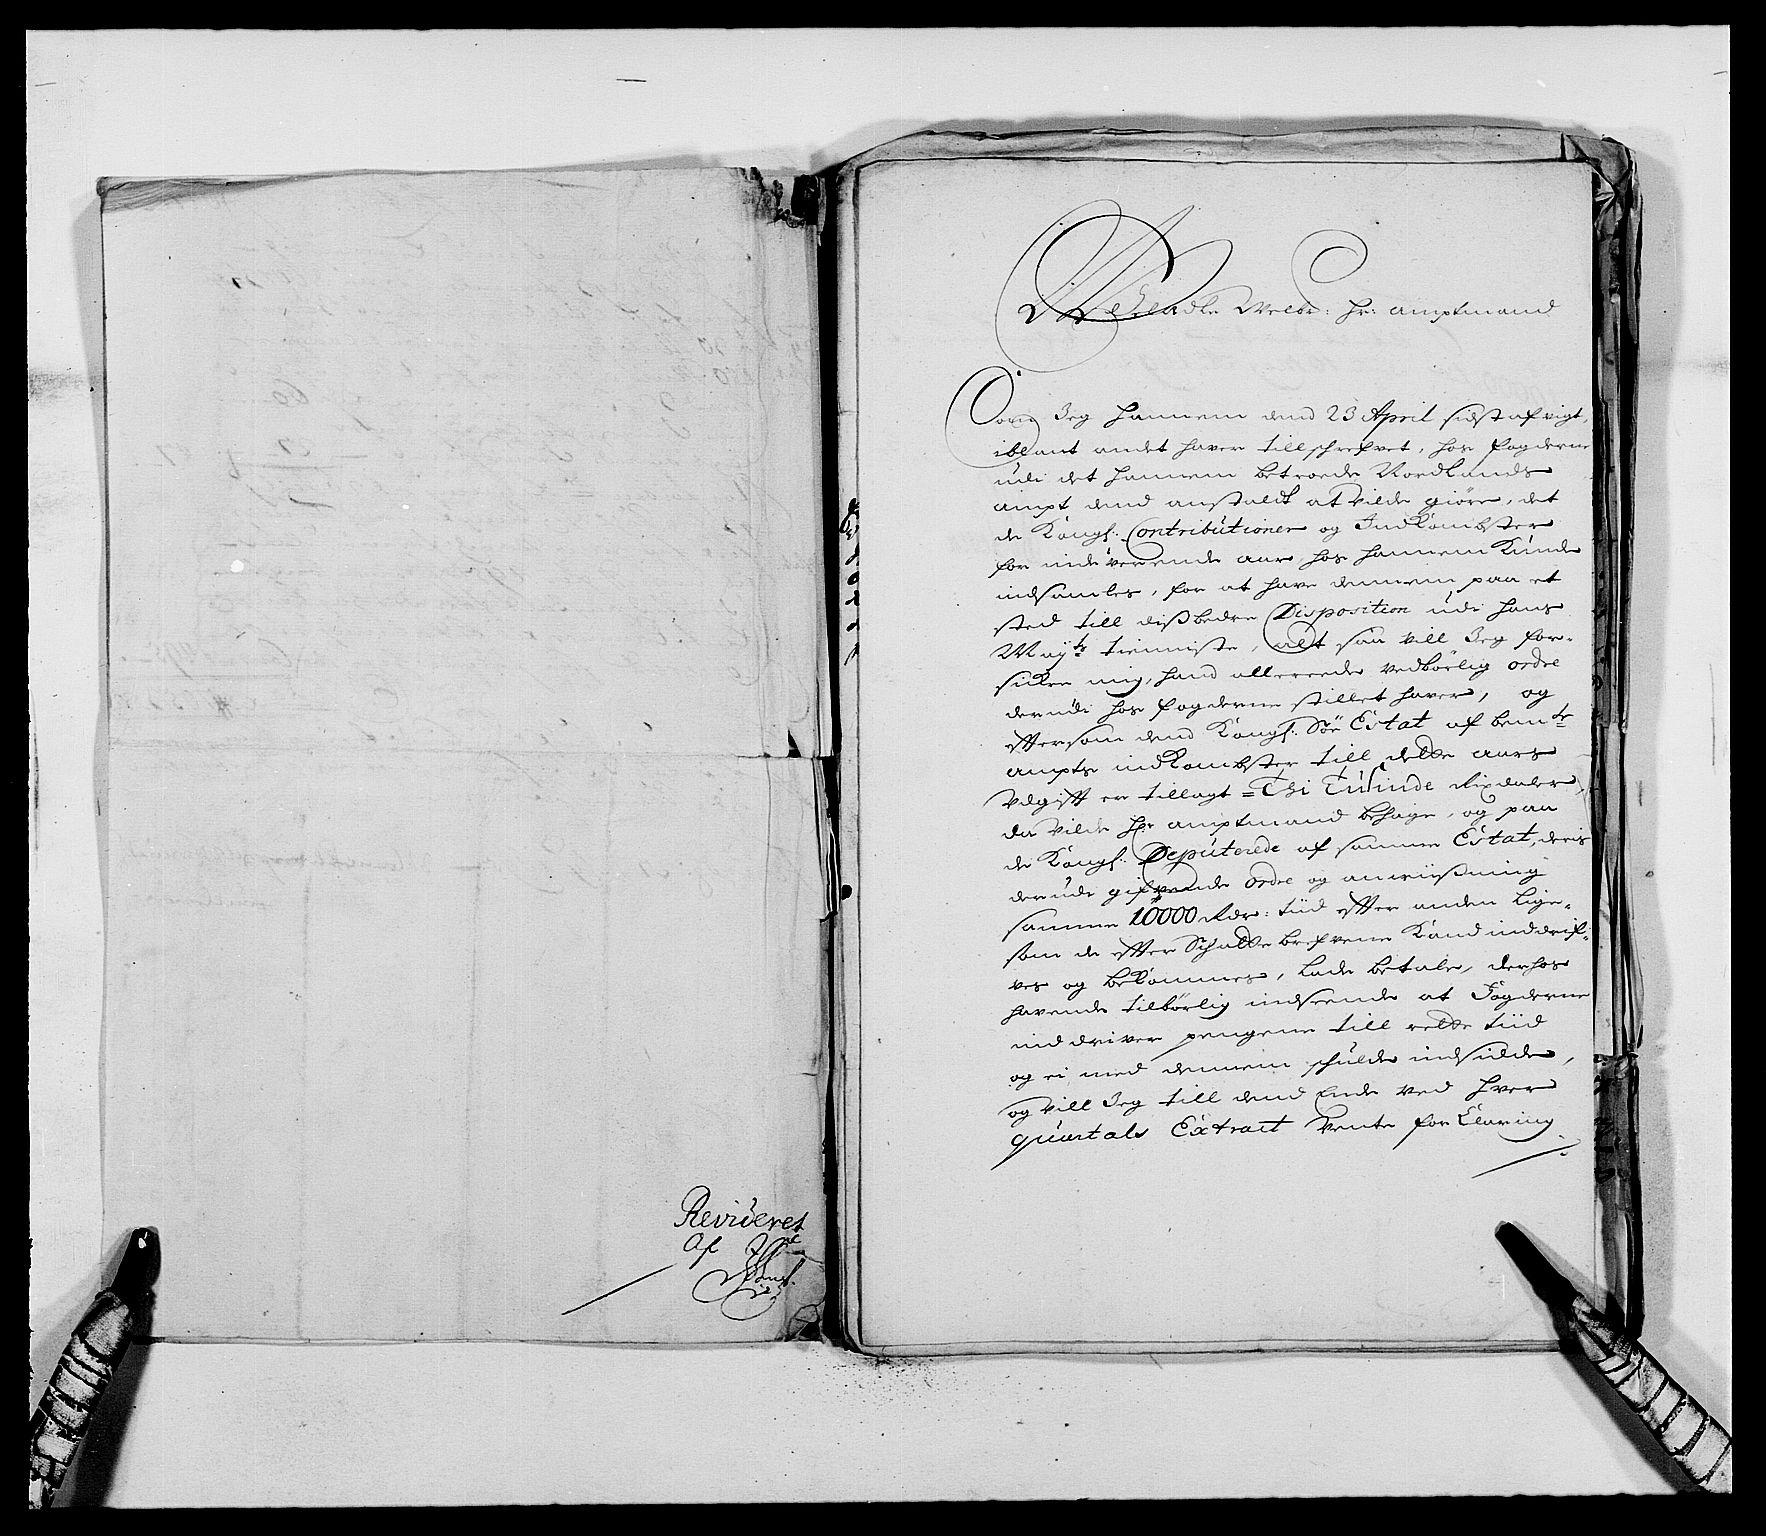 RA, Rentekammeret inntil 1814, Reviderte regnskaper, Fogderegnskap, R68/L4751: Fogderegnskap Senja og Troms, 1690-1693, s. 205